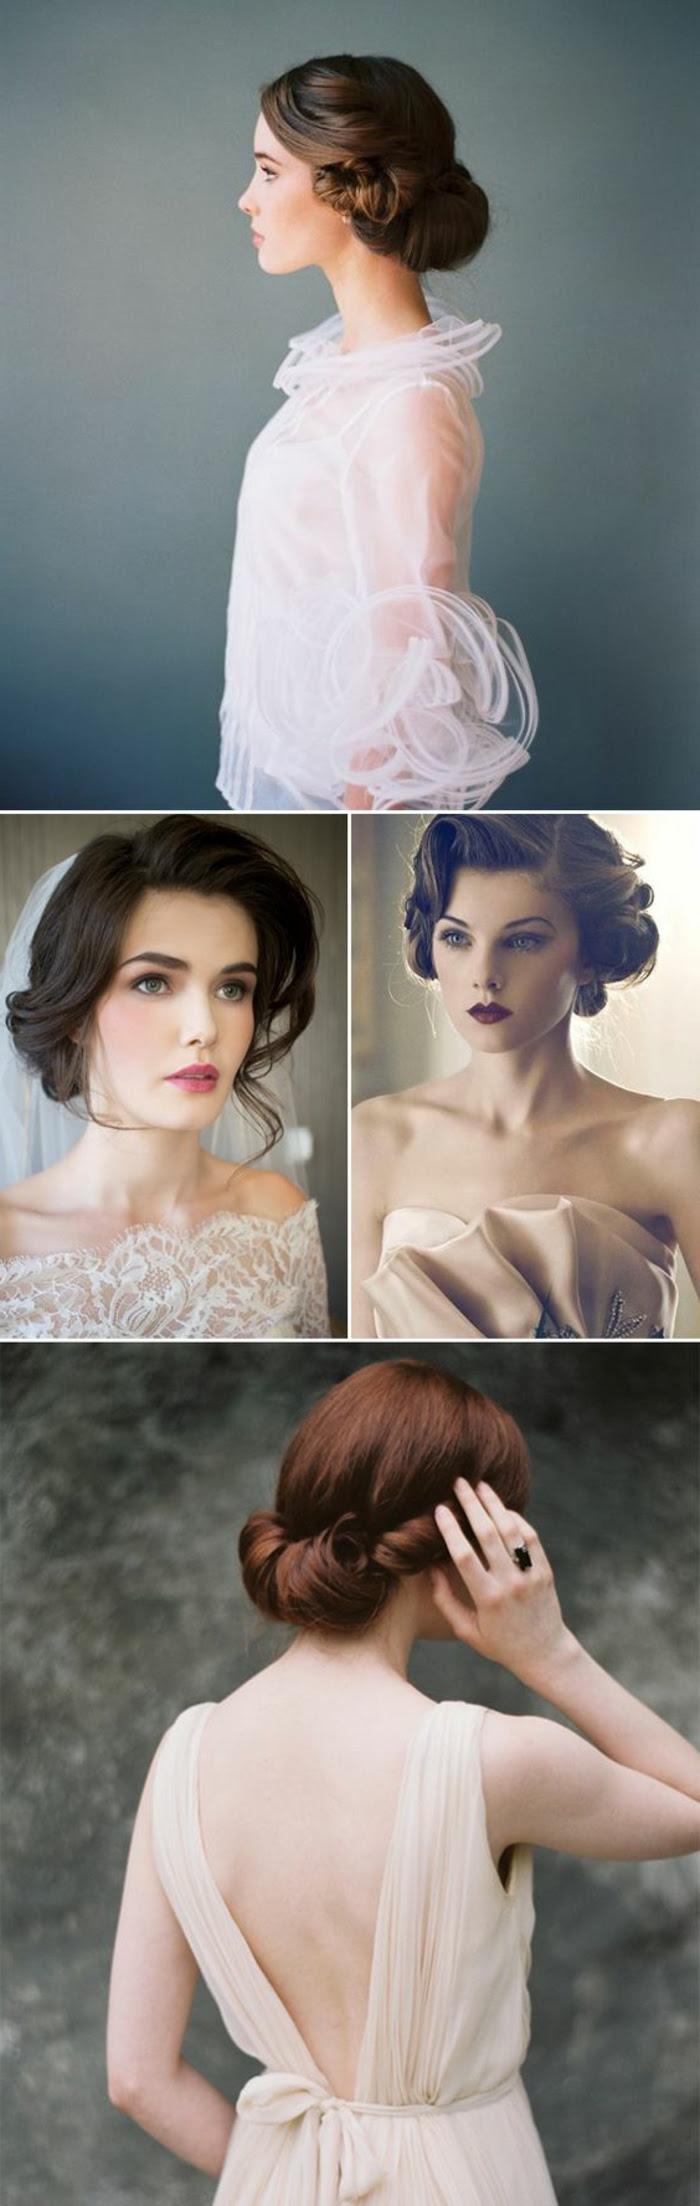 Vintage Frisuren Selber Machen Frisuren Der 20er Jahre Vintage